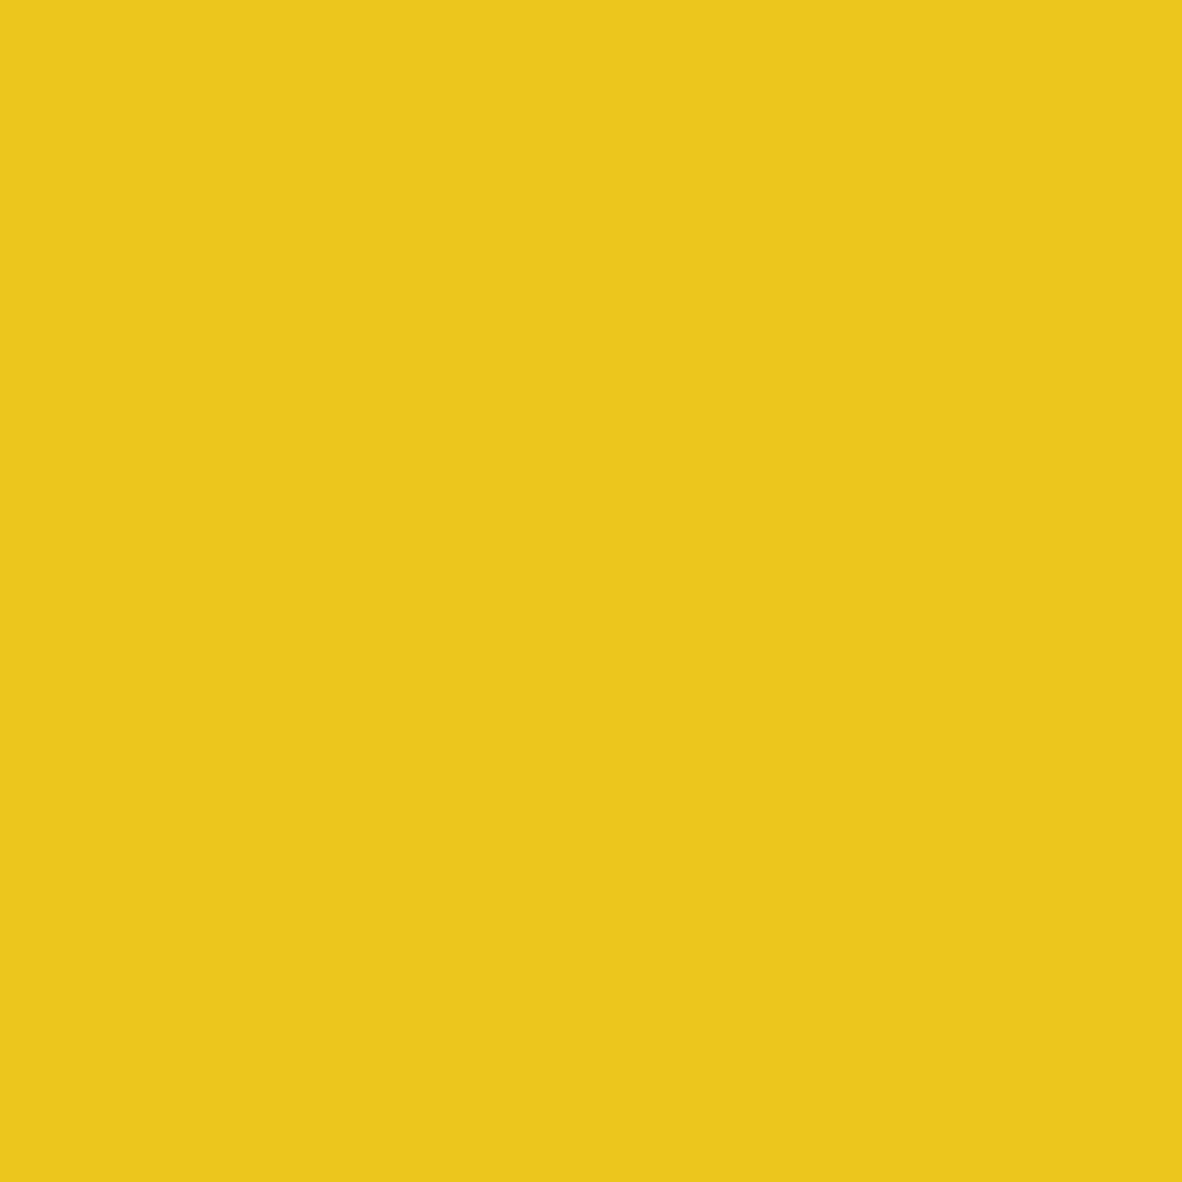 ไอคอน รั้วล้อมที่ดินของรั้วตาข่ายถักปม รุ่นสูง 90 ซม.